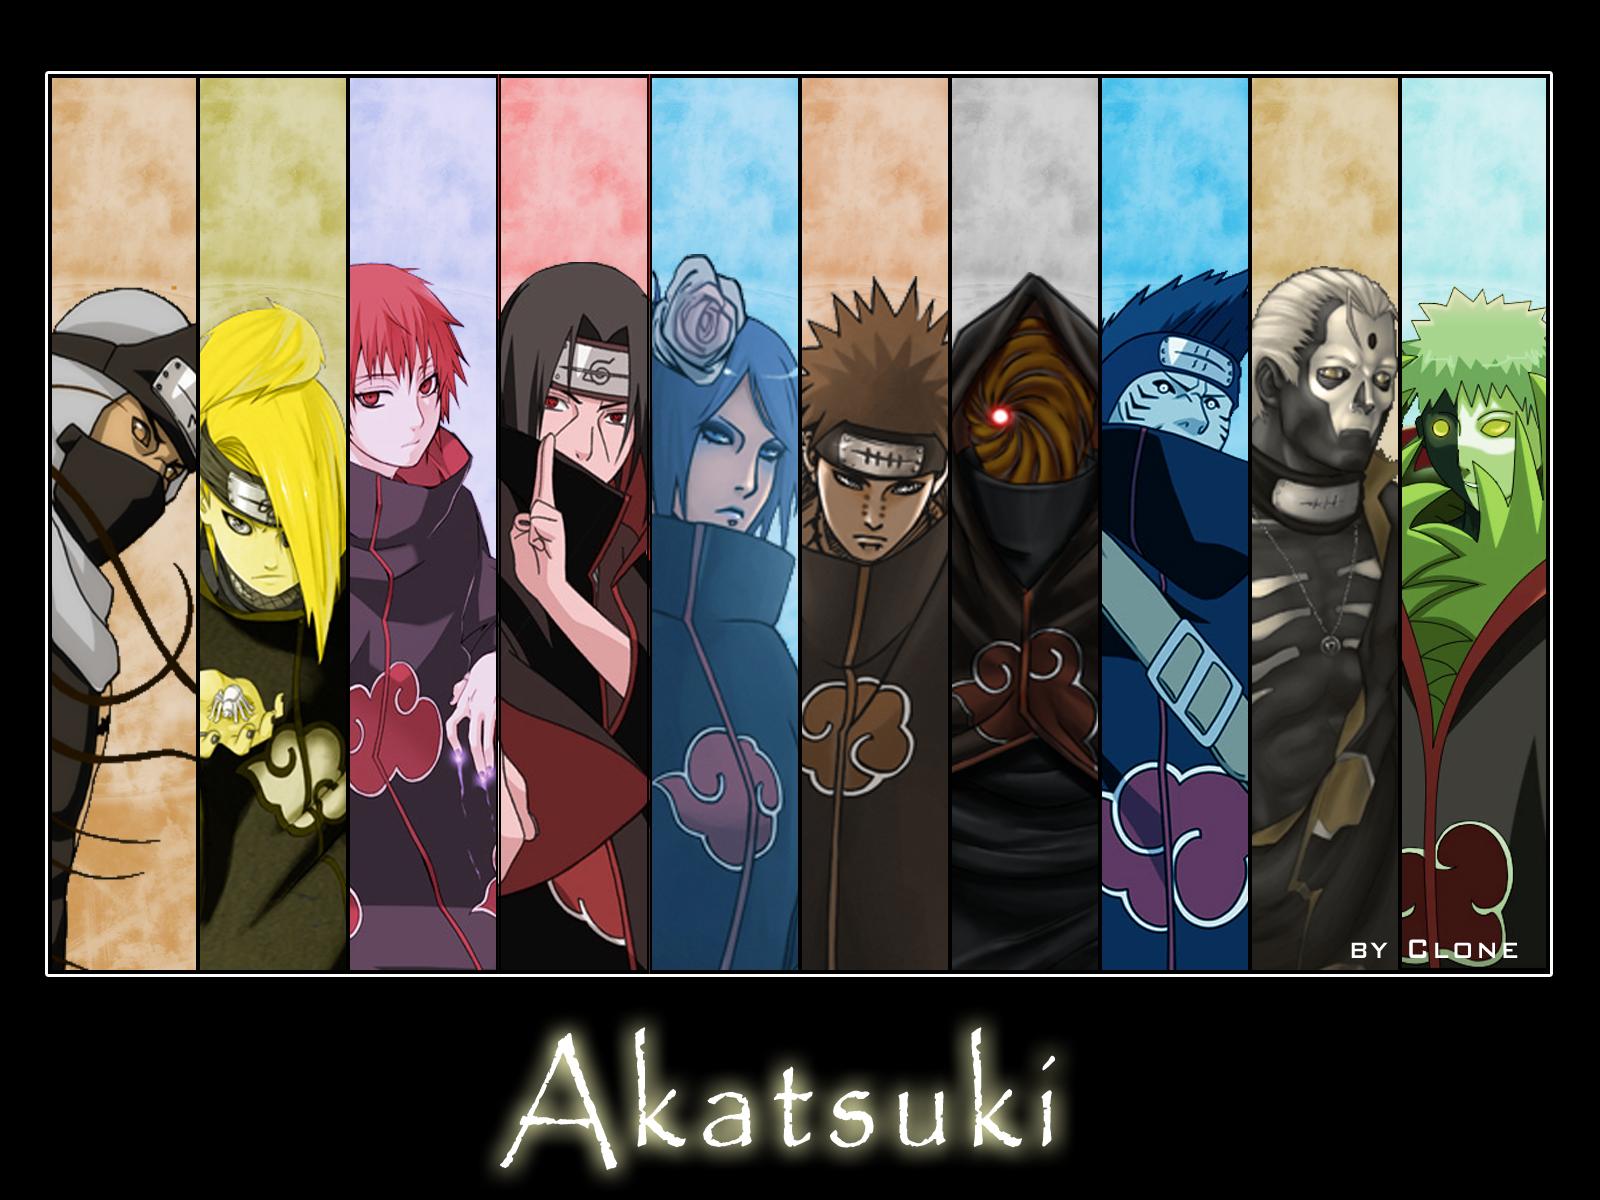 http://3.bp.blogspot.com/-T75H_kmovX4/UKh1dgnQmaI/AAAAAAAAChY/80J5oWQiRqw/s1600/Akatsuki_Wallpaper_by_darkclone89.jpg